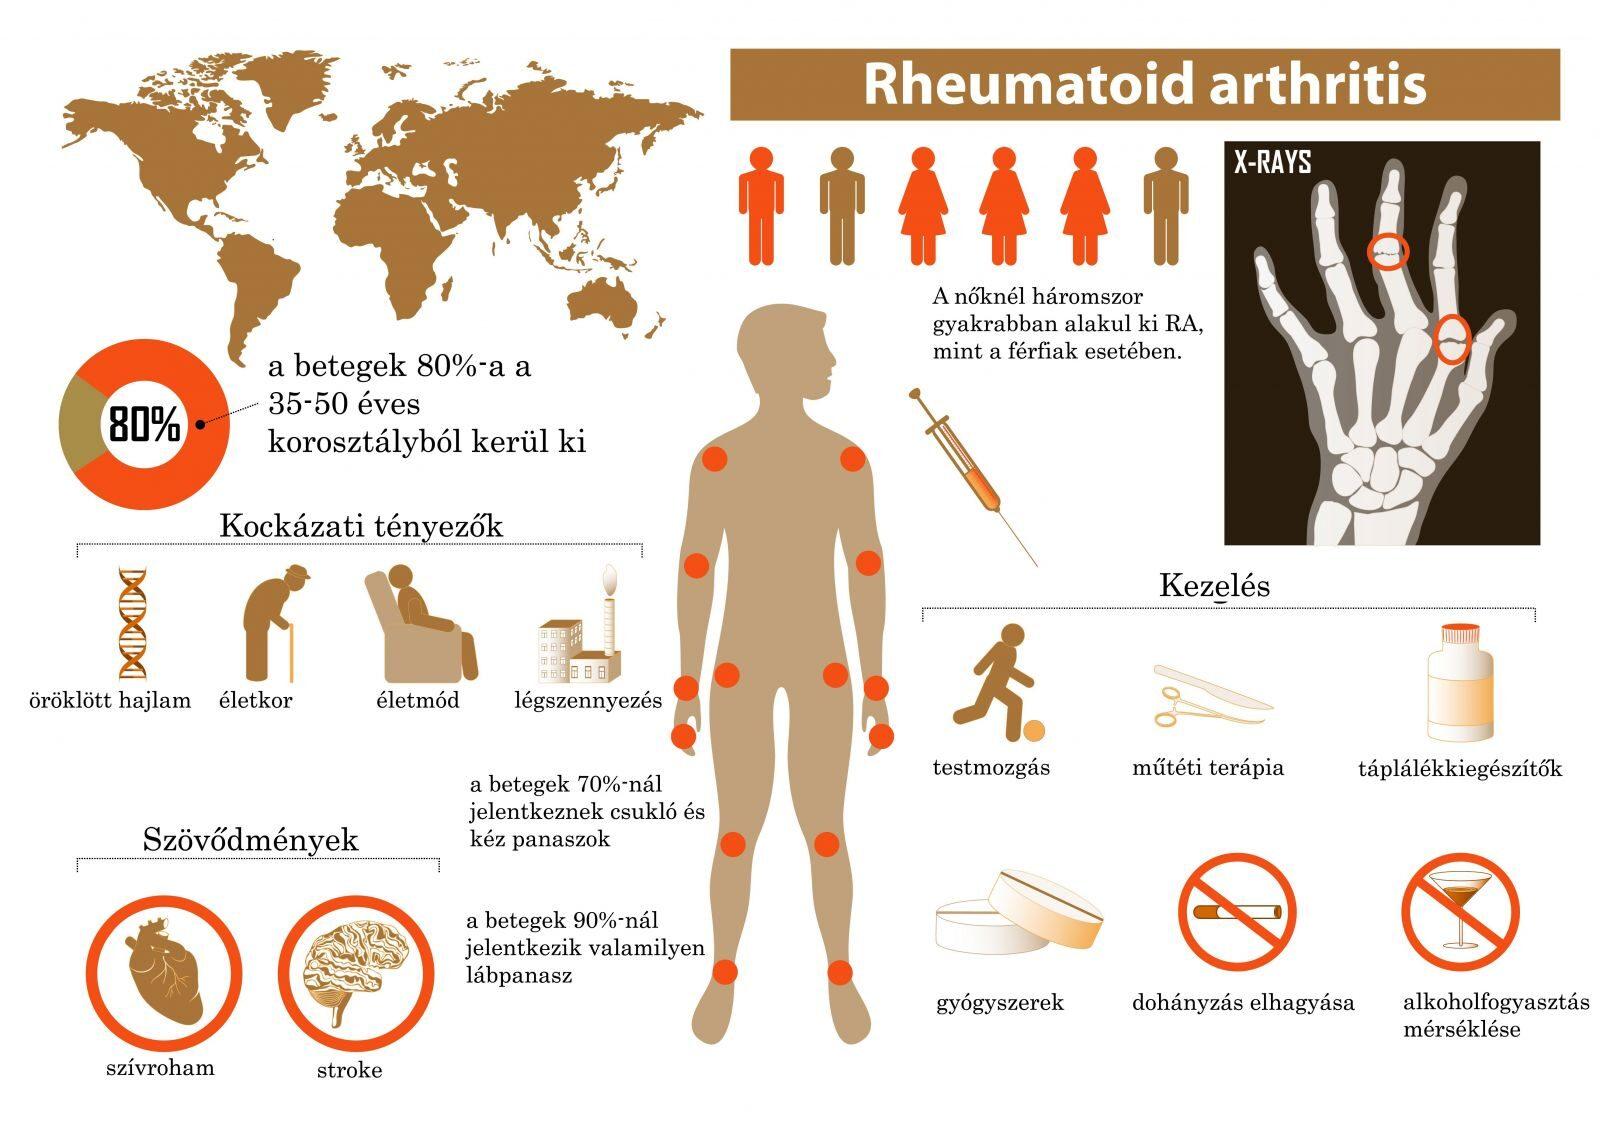 az alsó végtagok rheumatoid arthritisének kezelése